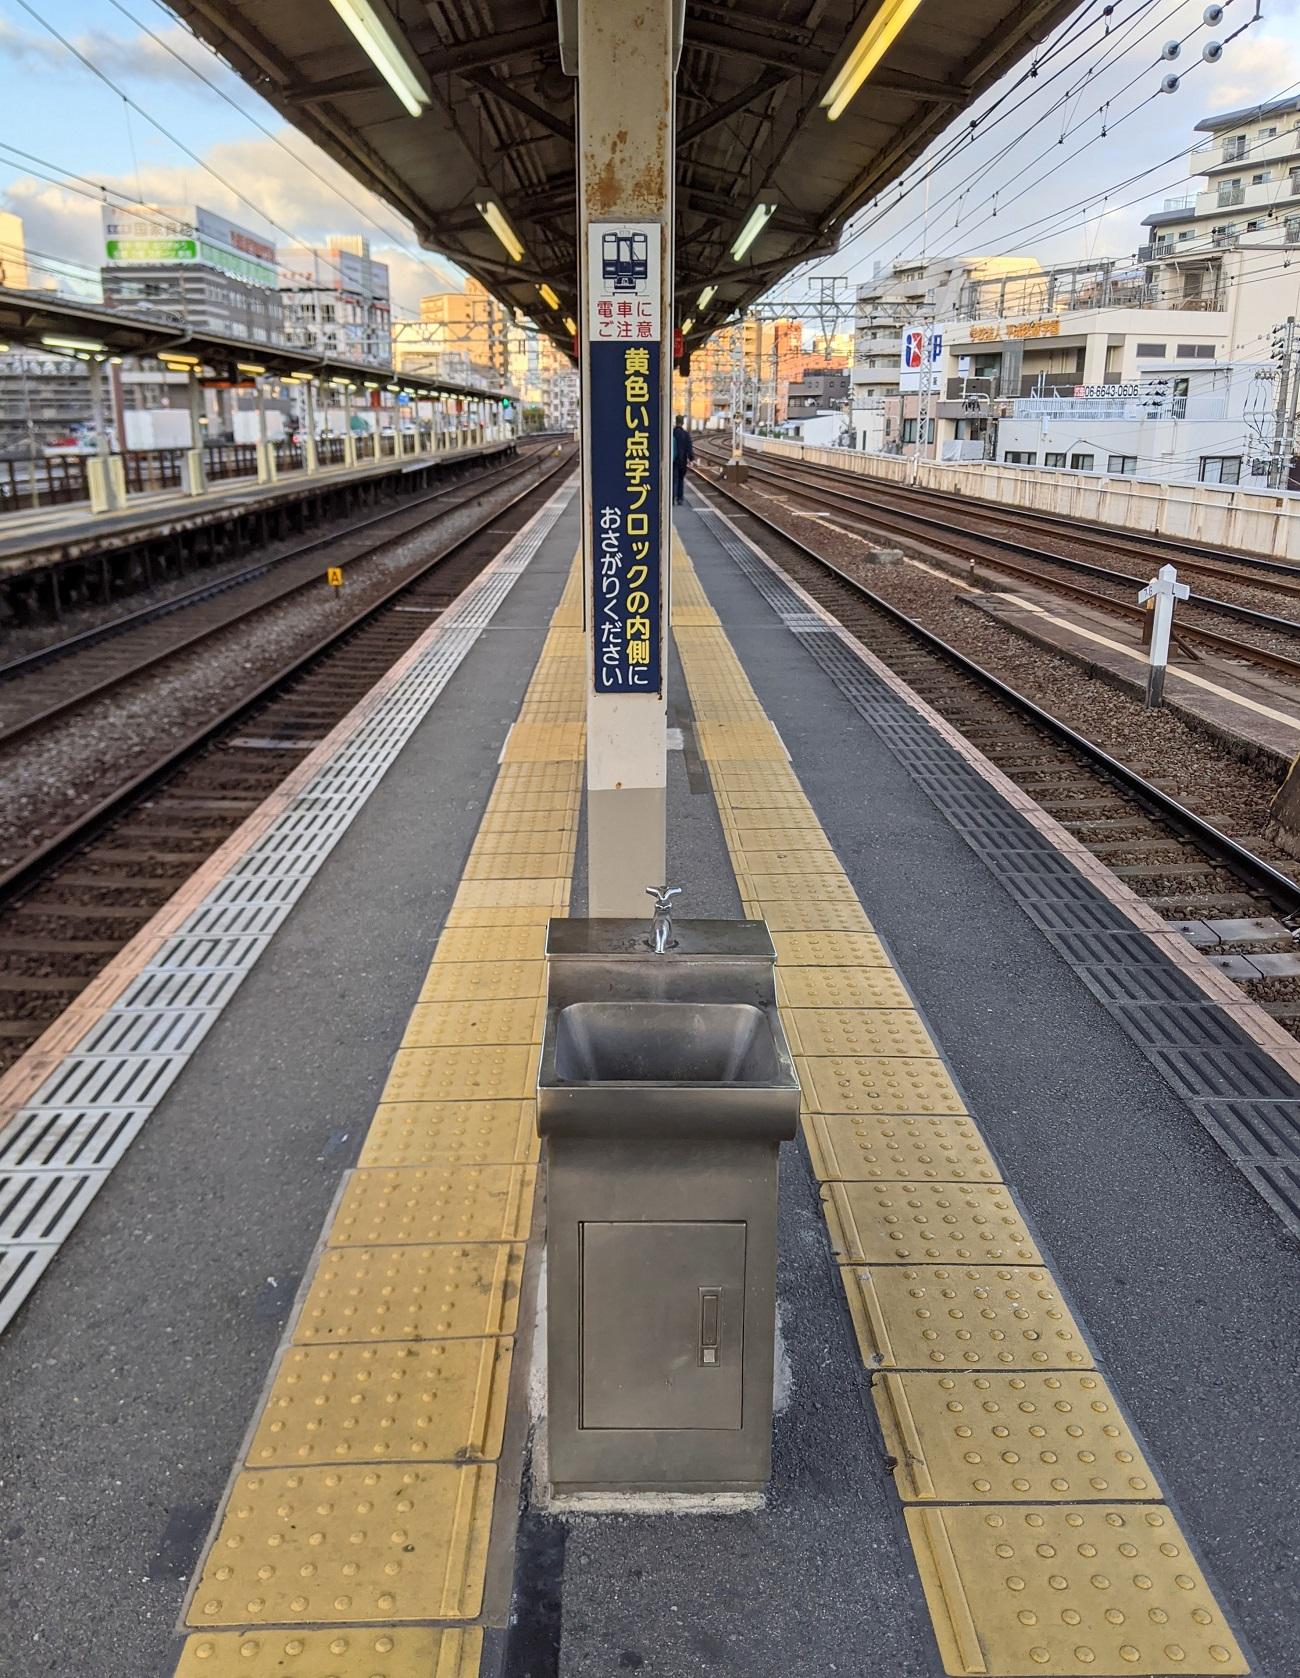 Japanese-train-station-Osaka-Hankyu-Nakatsu-Japan-trains-travel-photos-4.jpg